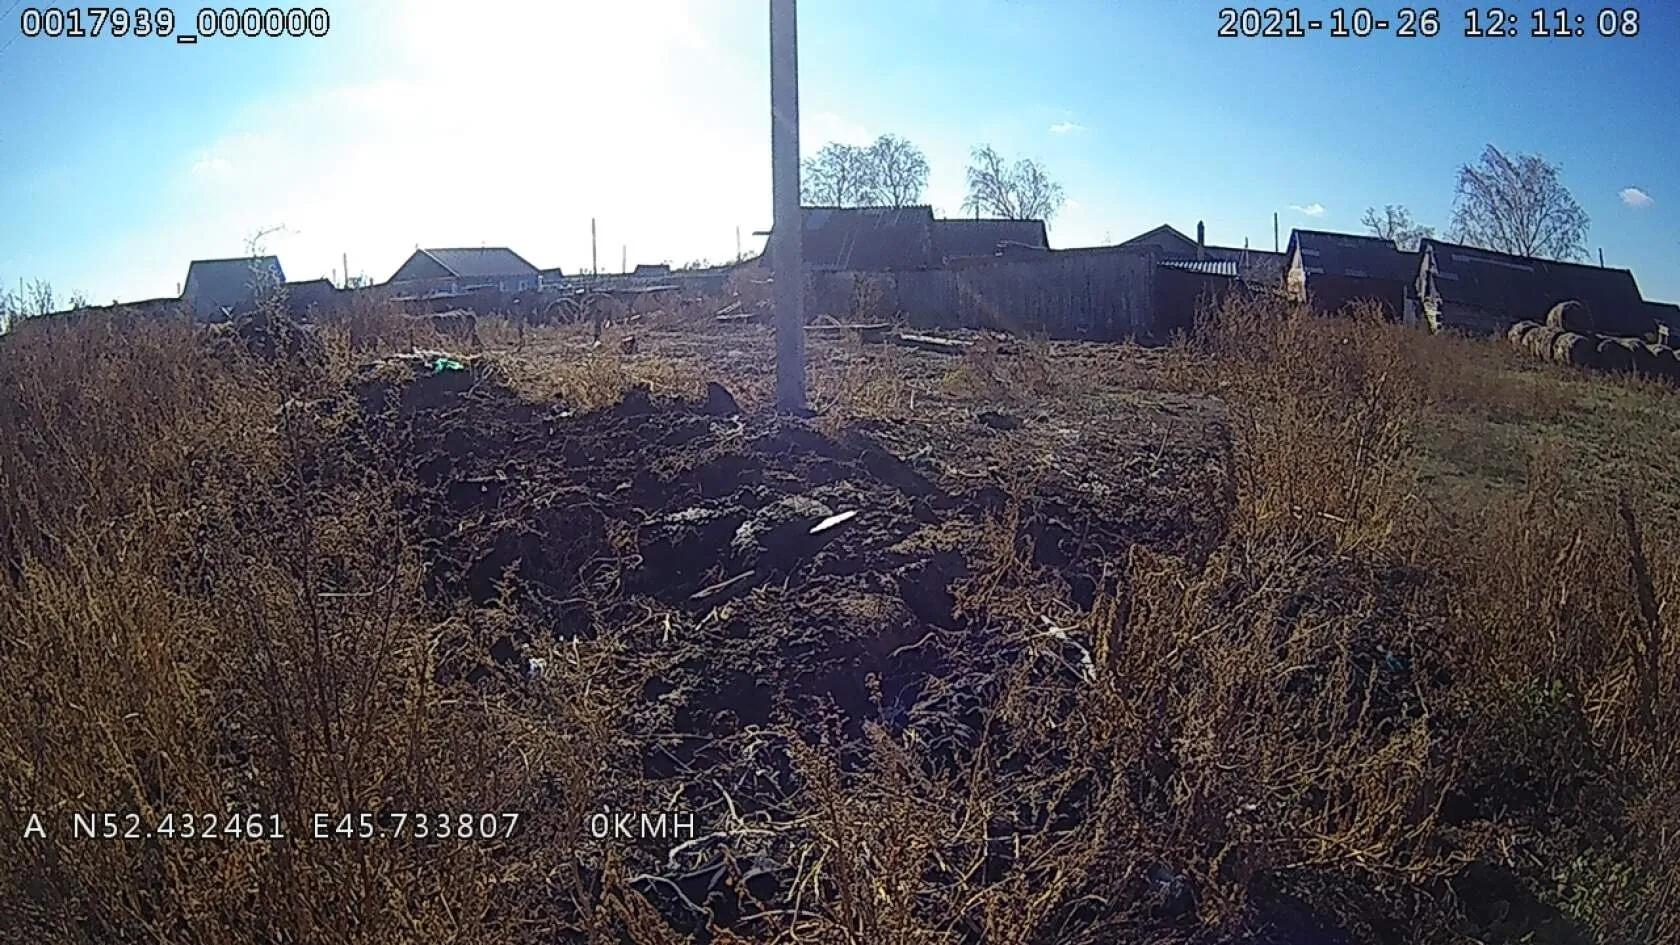 Административная комиссия провела рейд в селе Татарская Пакаевка